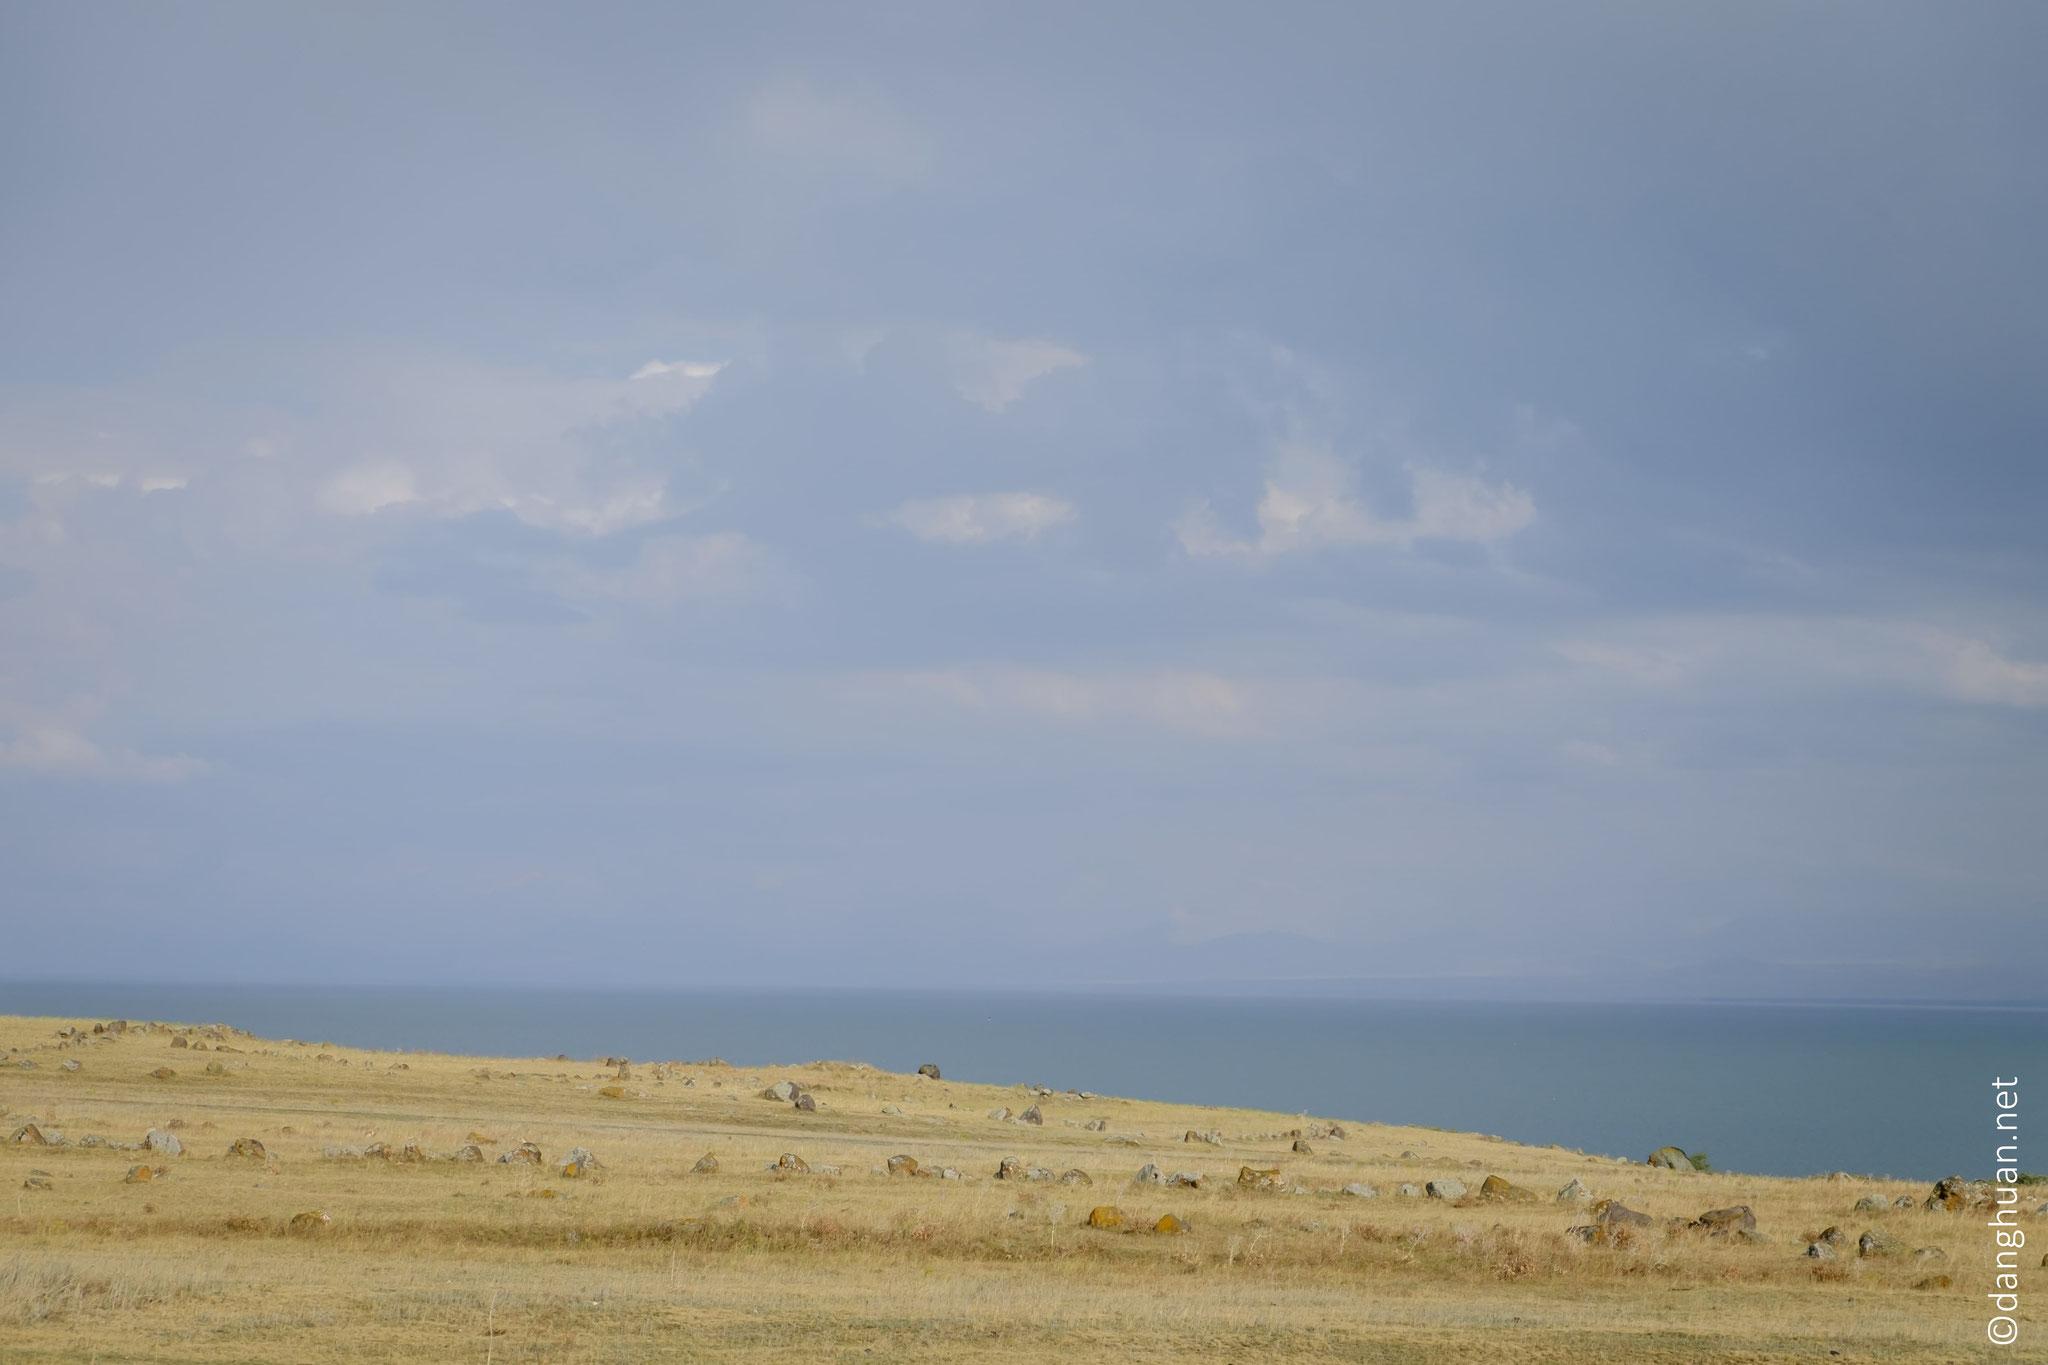 Lac Sevan (la perle bleue de l'Arménie), situé à 1900m, est l'un des plus hauts lacs d'eau douce au monde